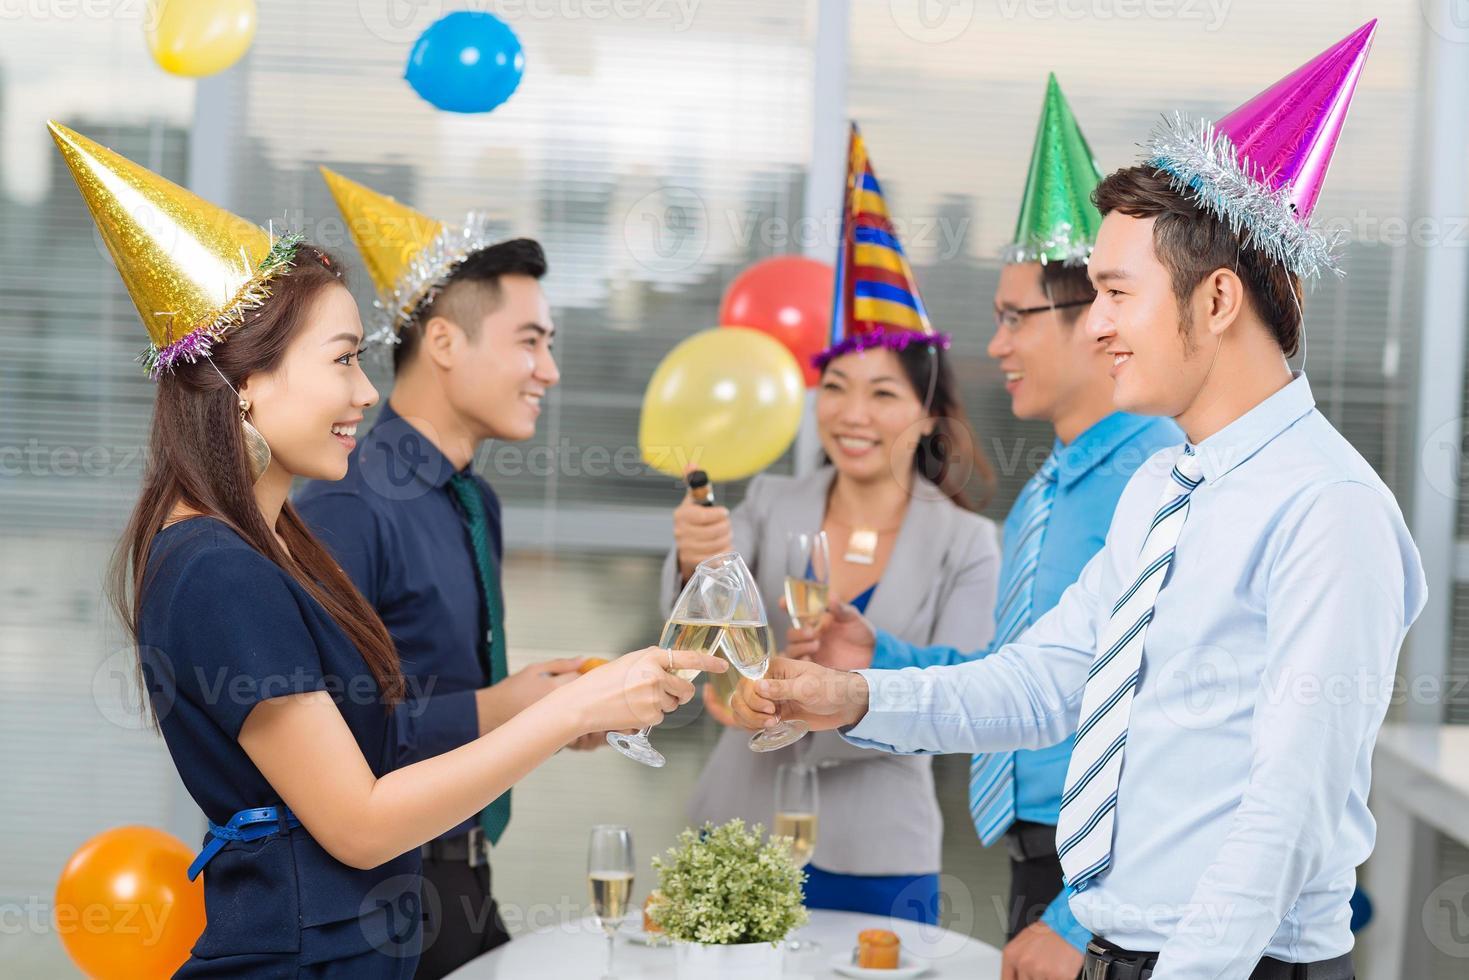 bere alla festa in ufficio foto